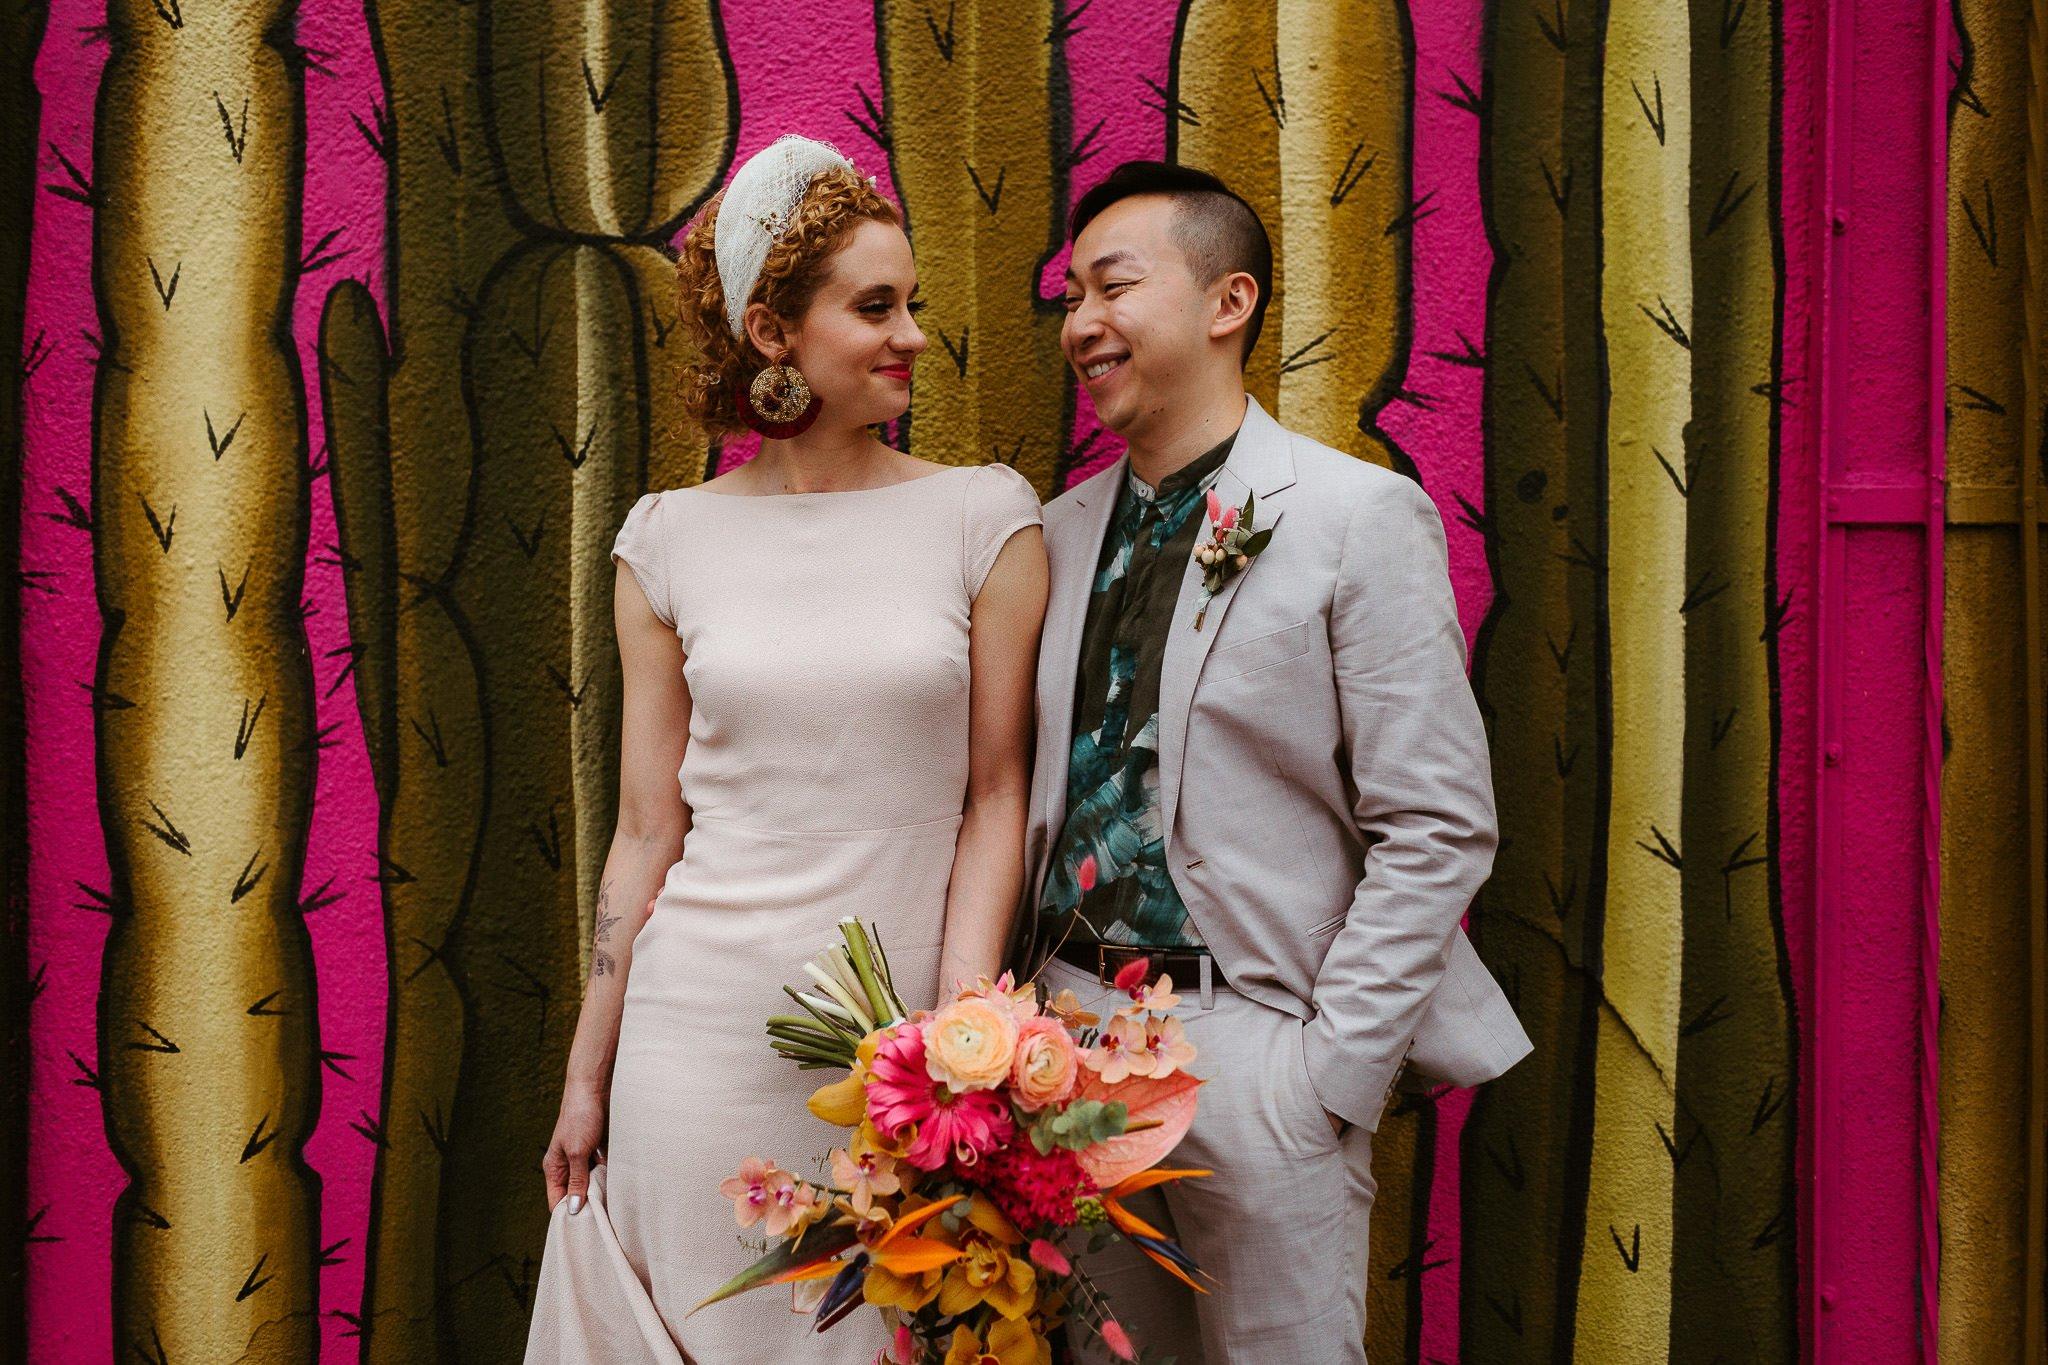 fullerton arboretum wedding 018